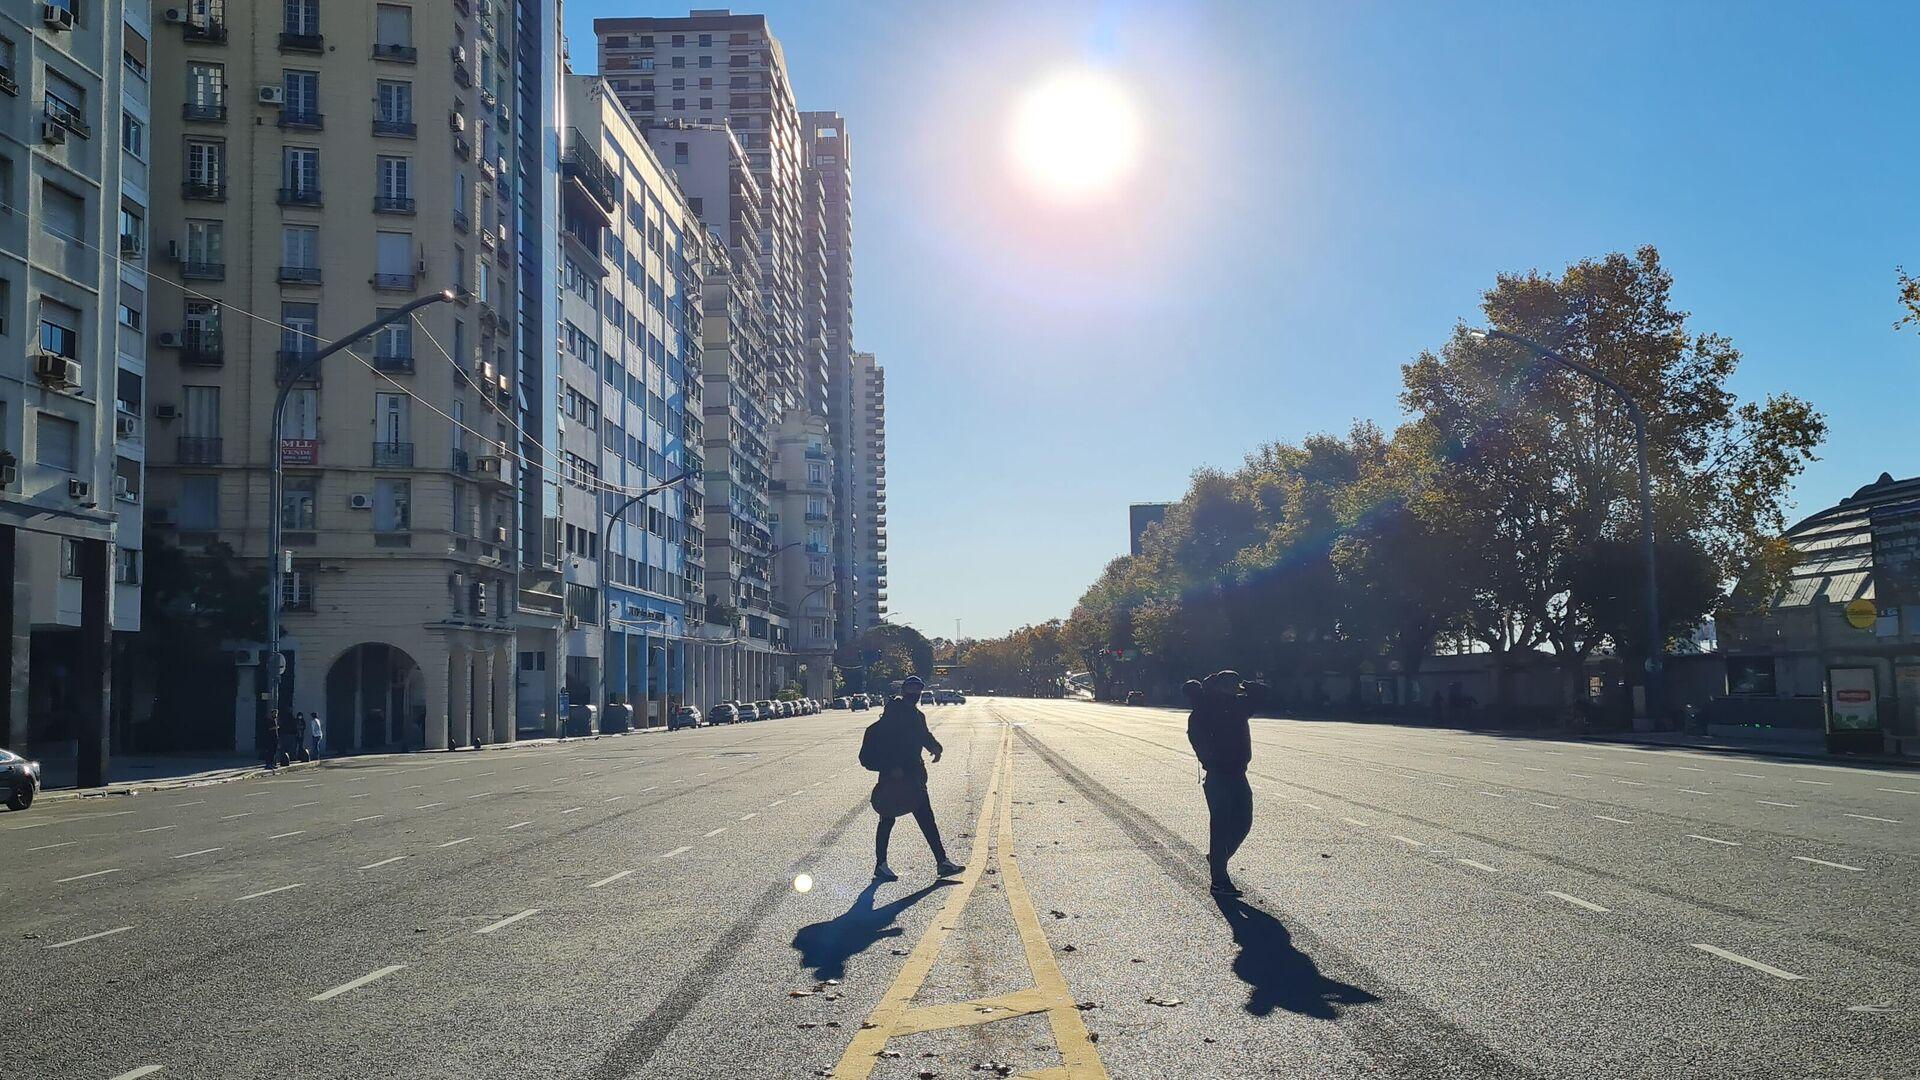 Dos personas cruzan una calle casi desierta Buenos Aires durante el feriado del 25 de mayo - Sputnik Mundo, 1920, 25.05.2021